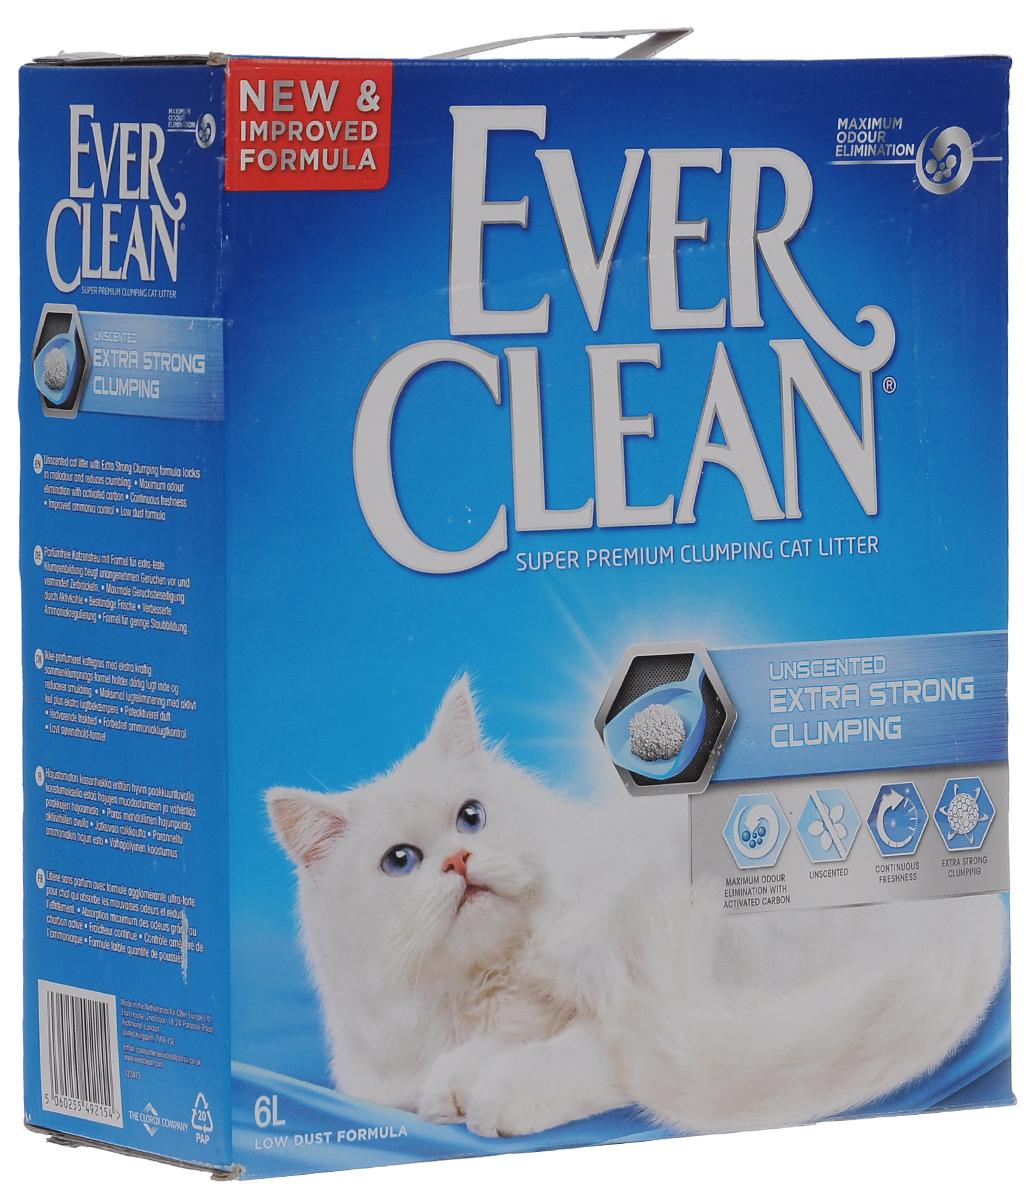 """Наполнитель для кошачьего туалета Ever Clean """"Extra Strong Clumpin """", комкующийся, без ароматизатора, 6 л 59651_без ароматизатора"""